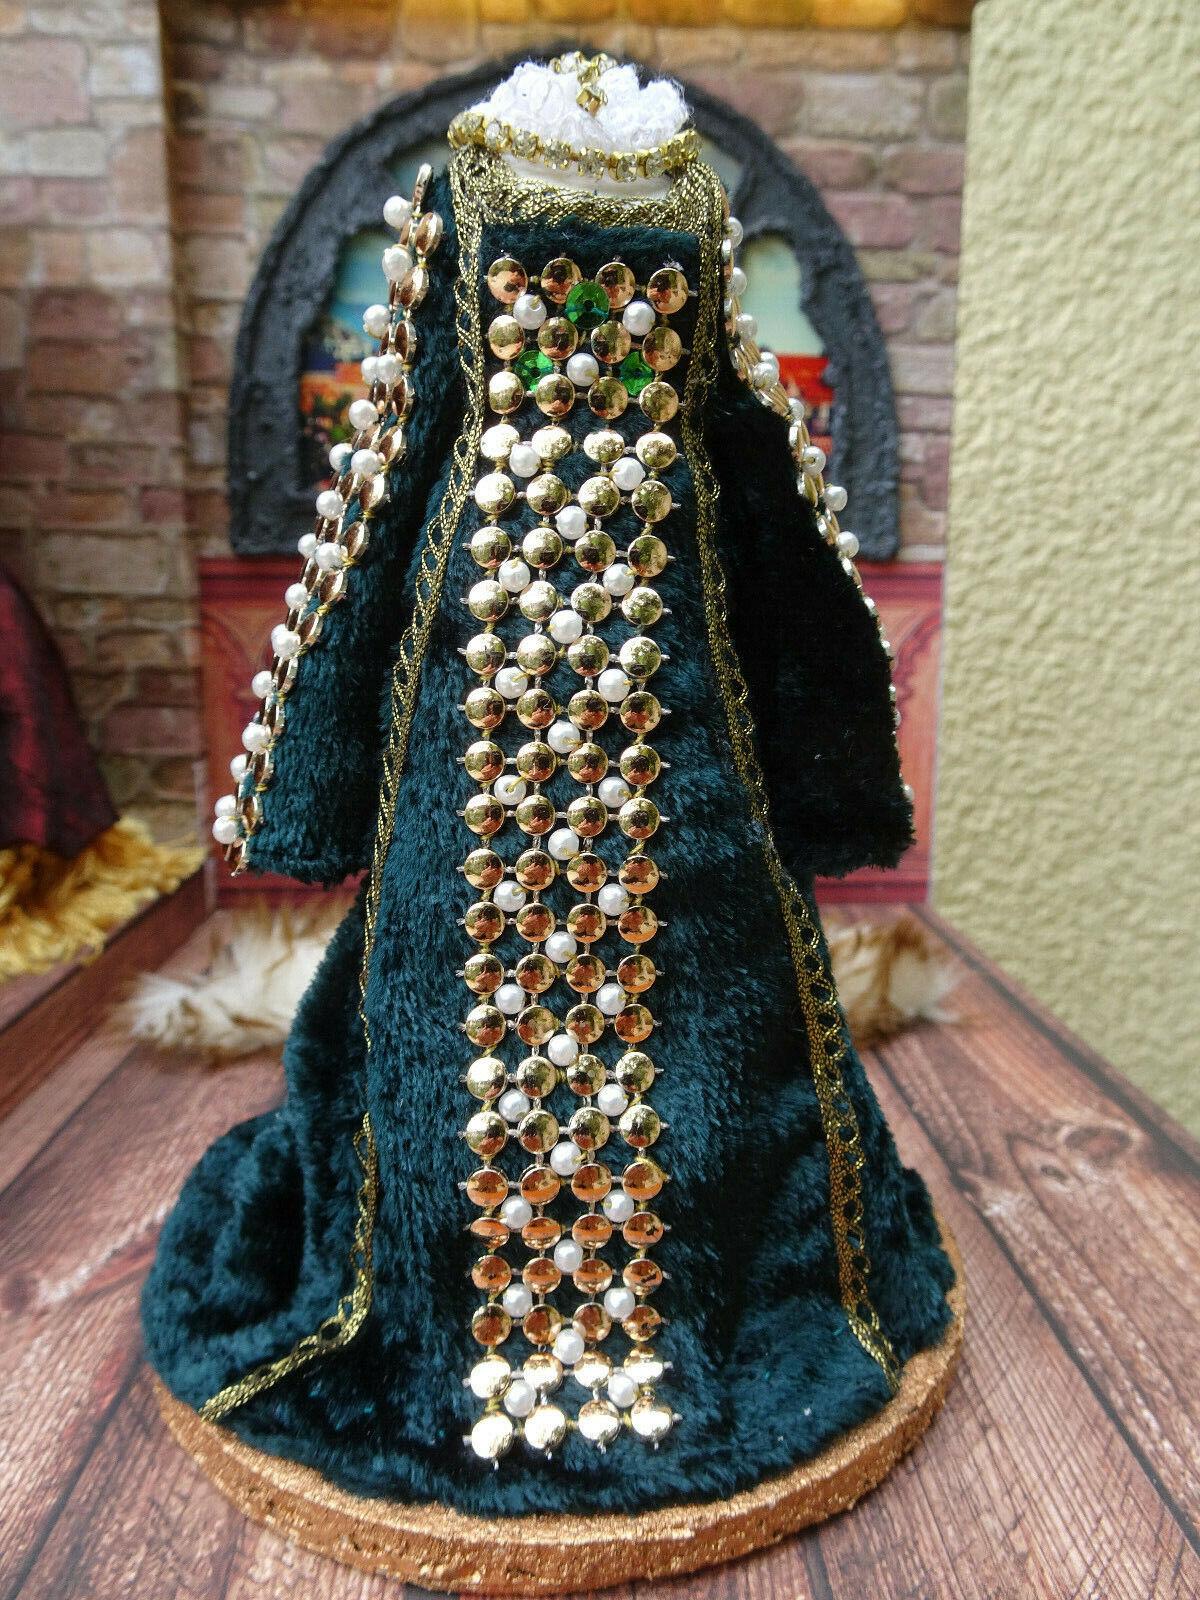 Game of Thrones inspiriert Manequin Olivia Miniatur 1 12 Dollhouse Unikat OOAK